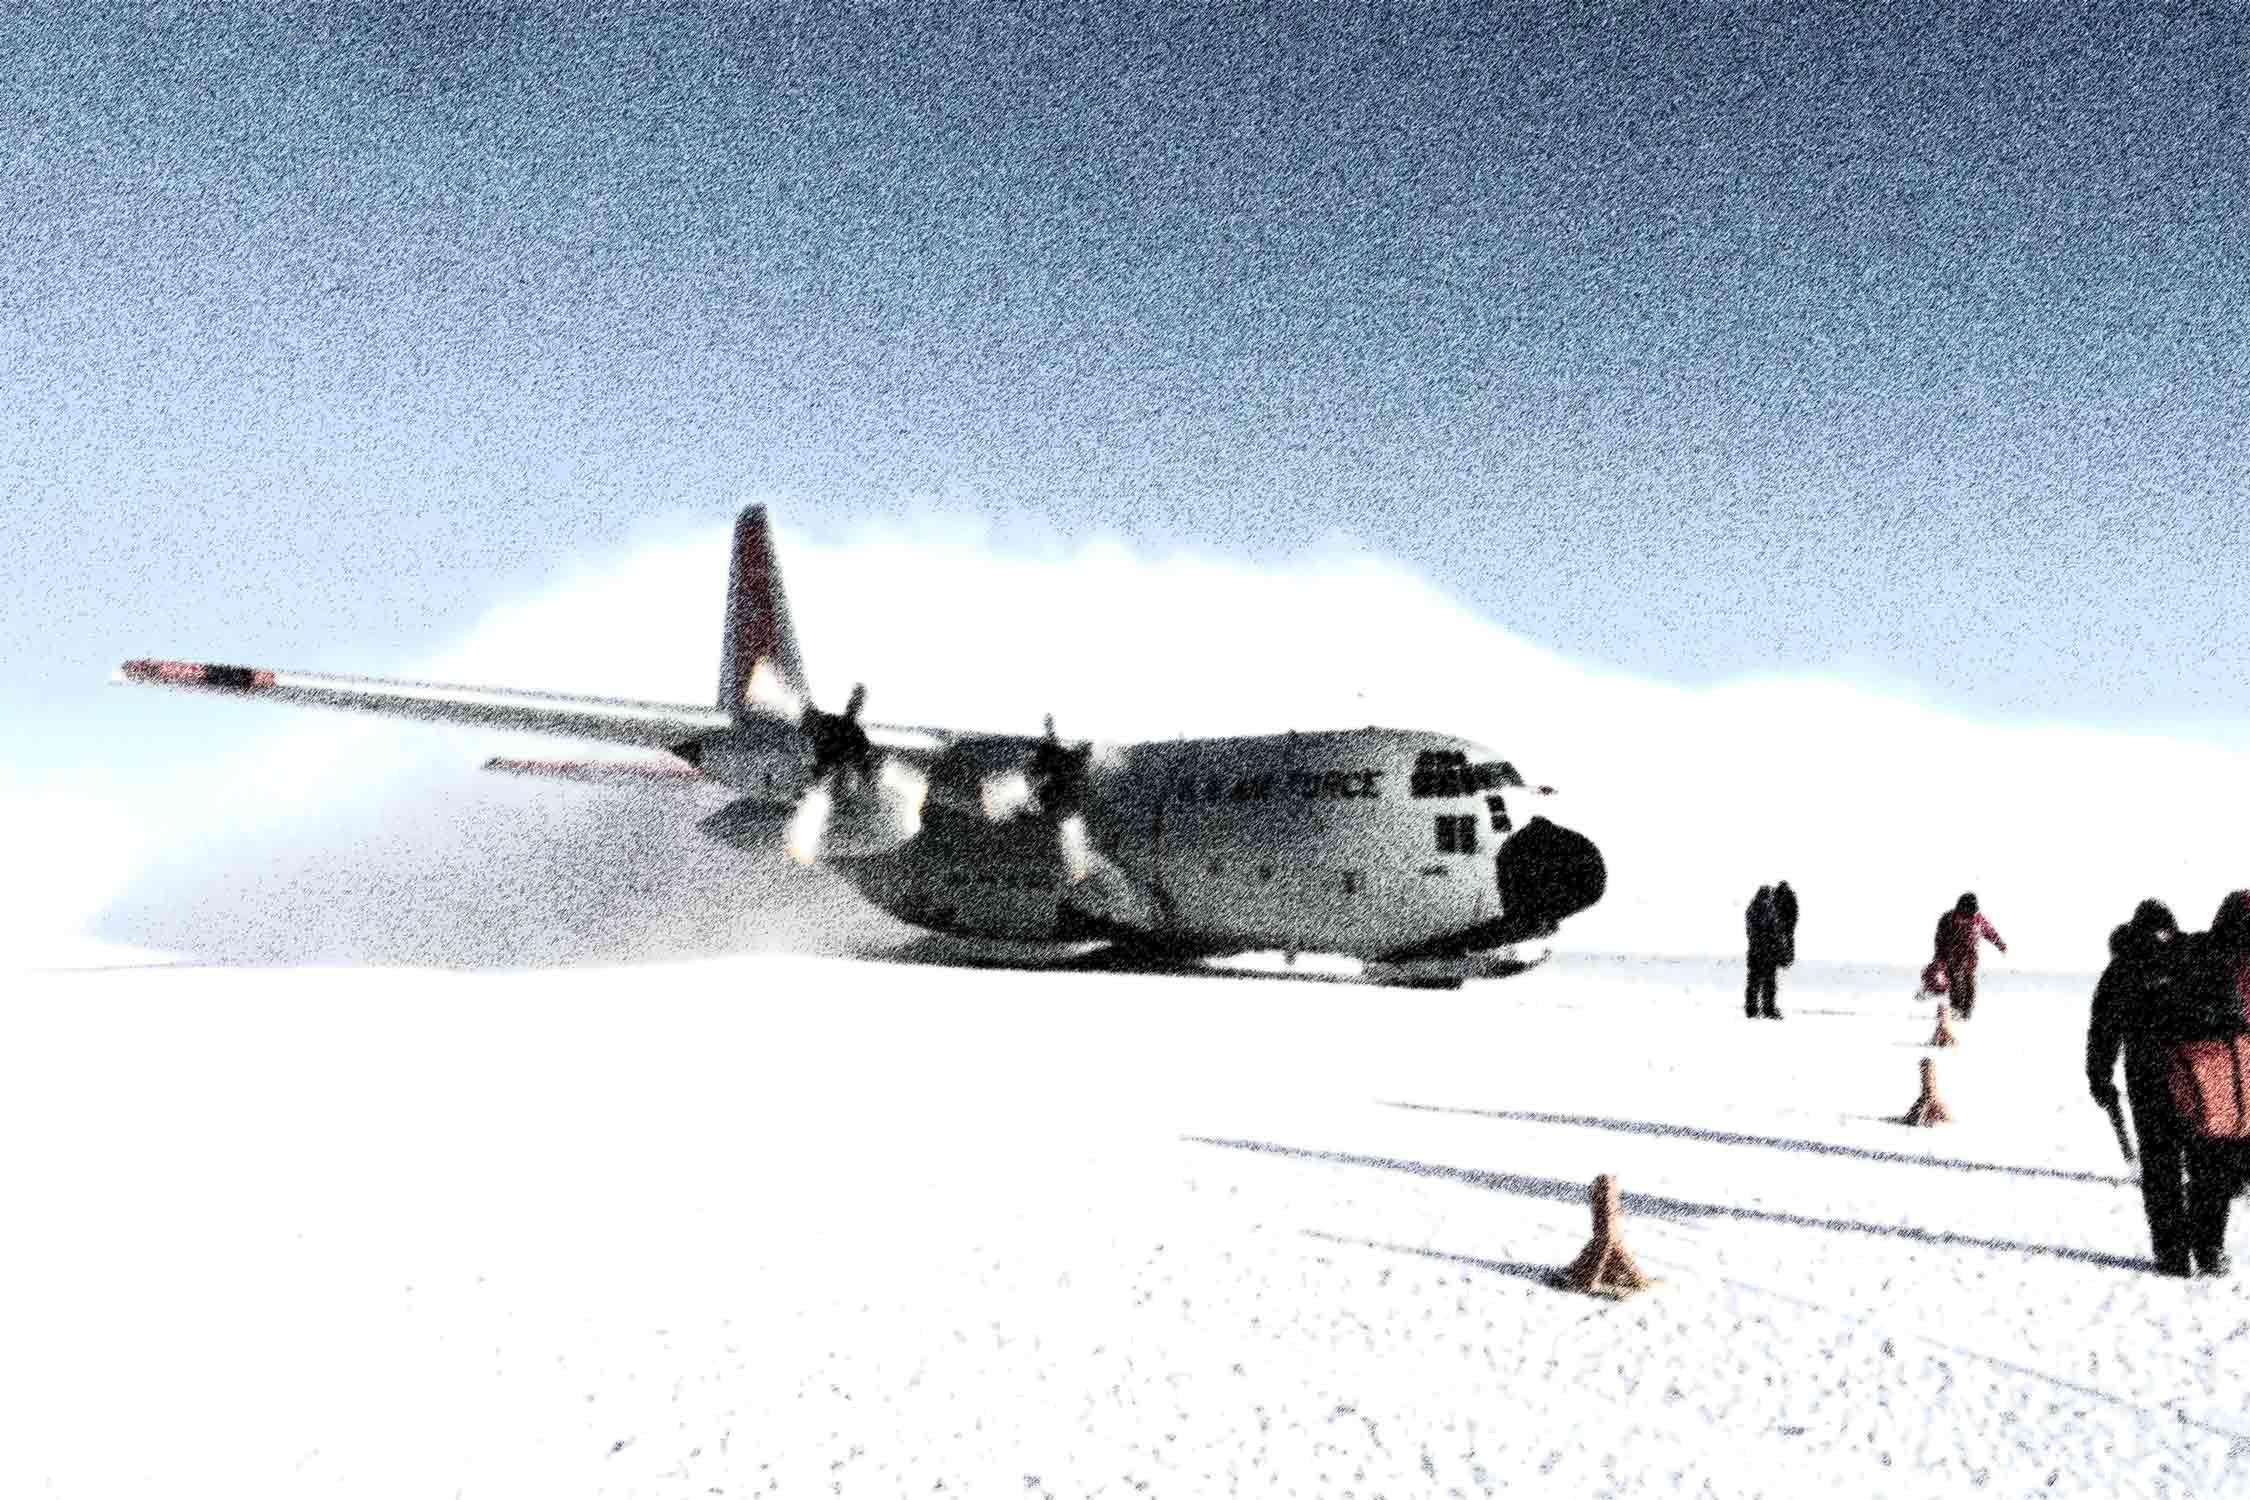 Flugzeug in Schneelandschaft